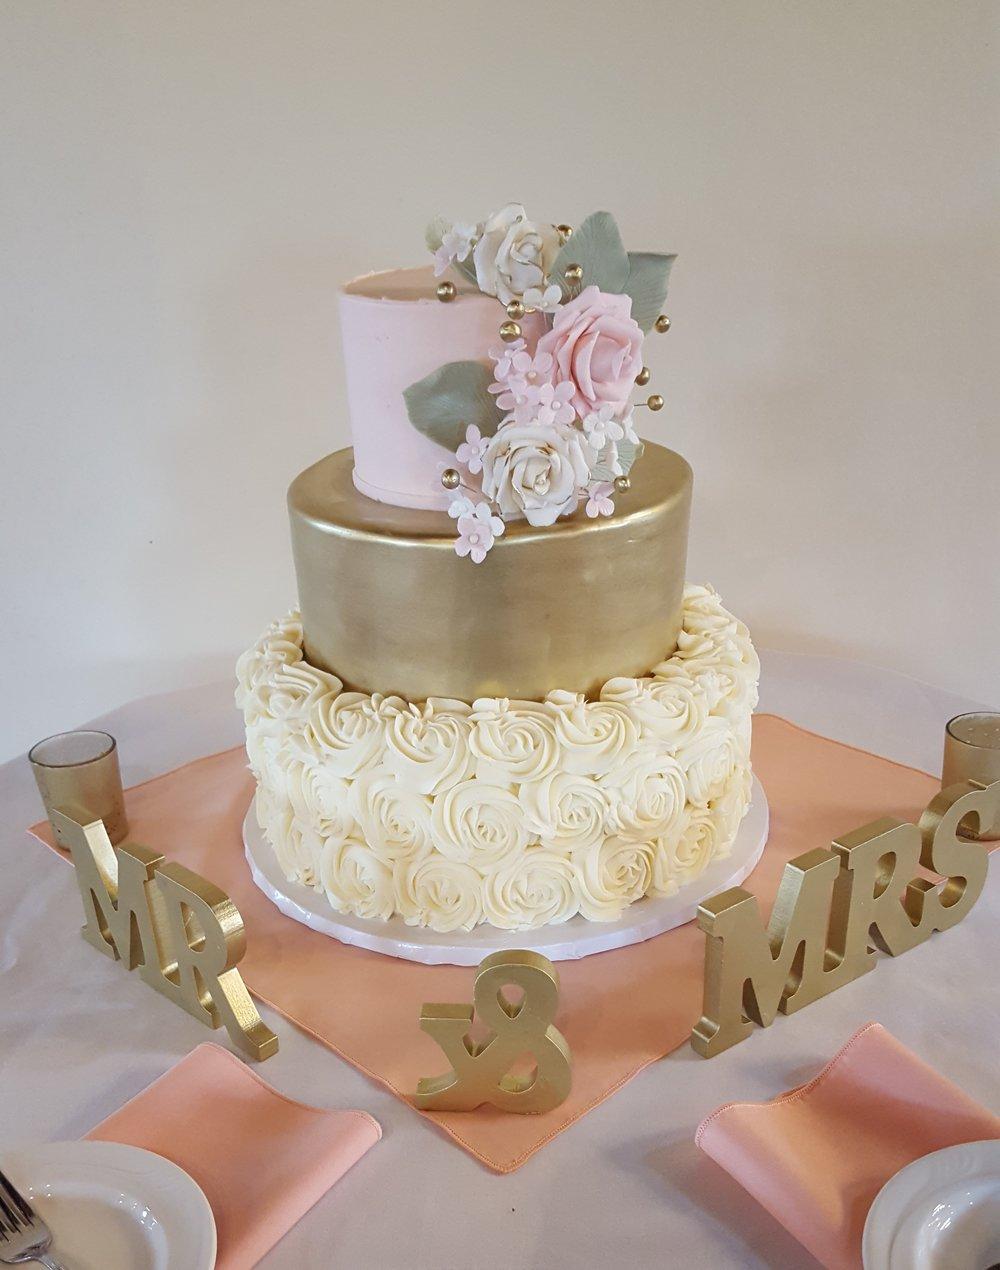 gold and rosette cake.jpg